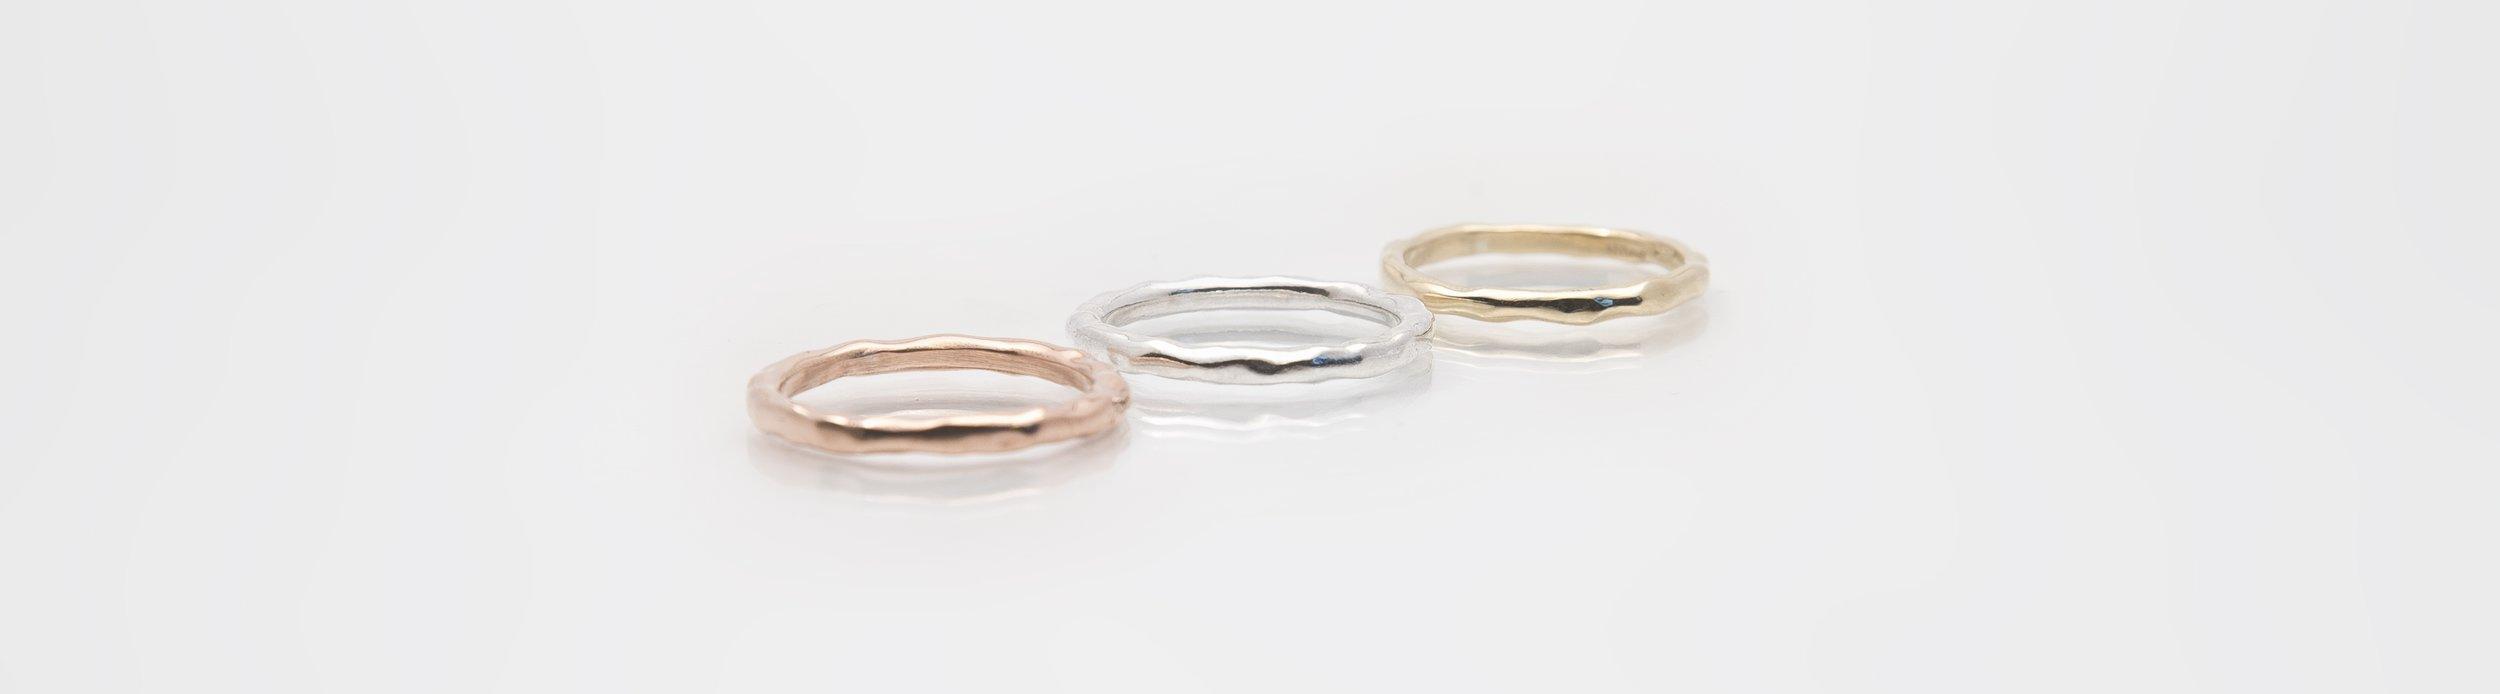 martina hamiton handcrafted gold band rings.jpg